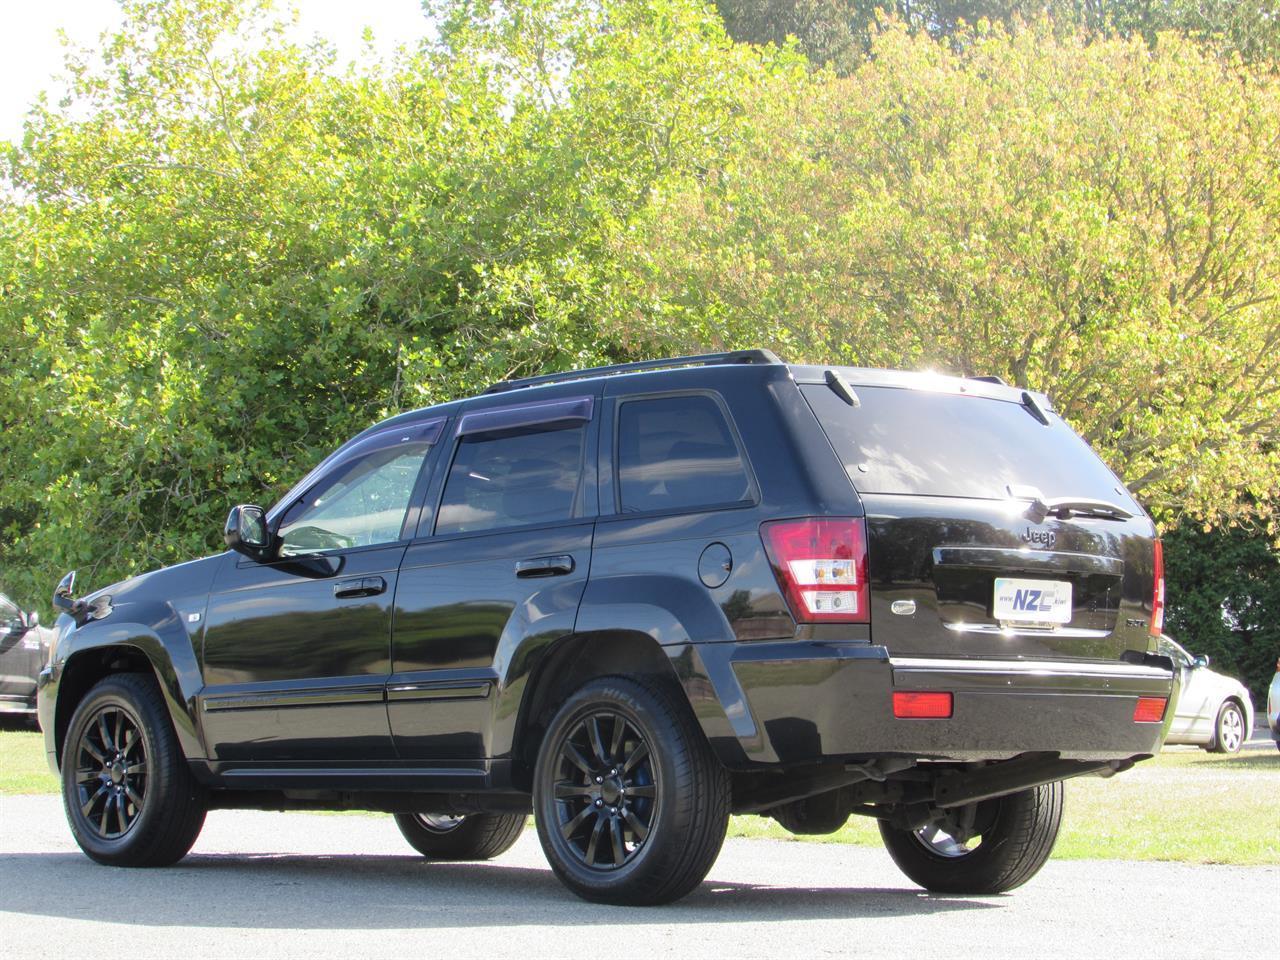 image-3, 2006 Jeep Grand Cherokee at Christchurch